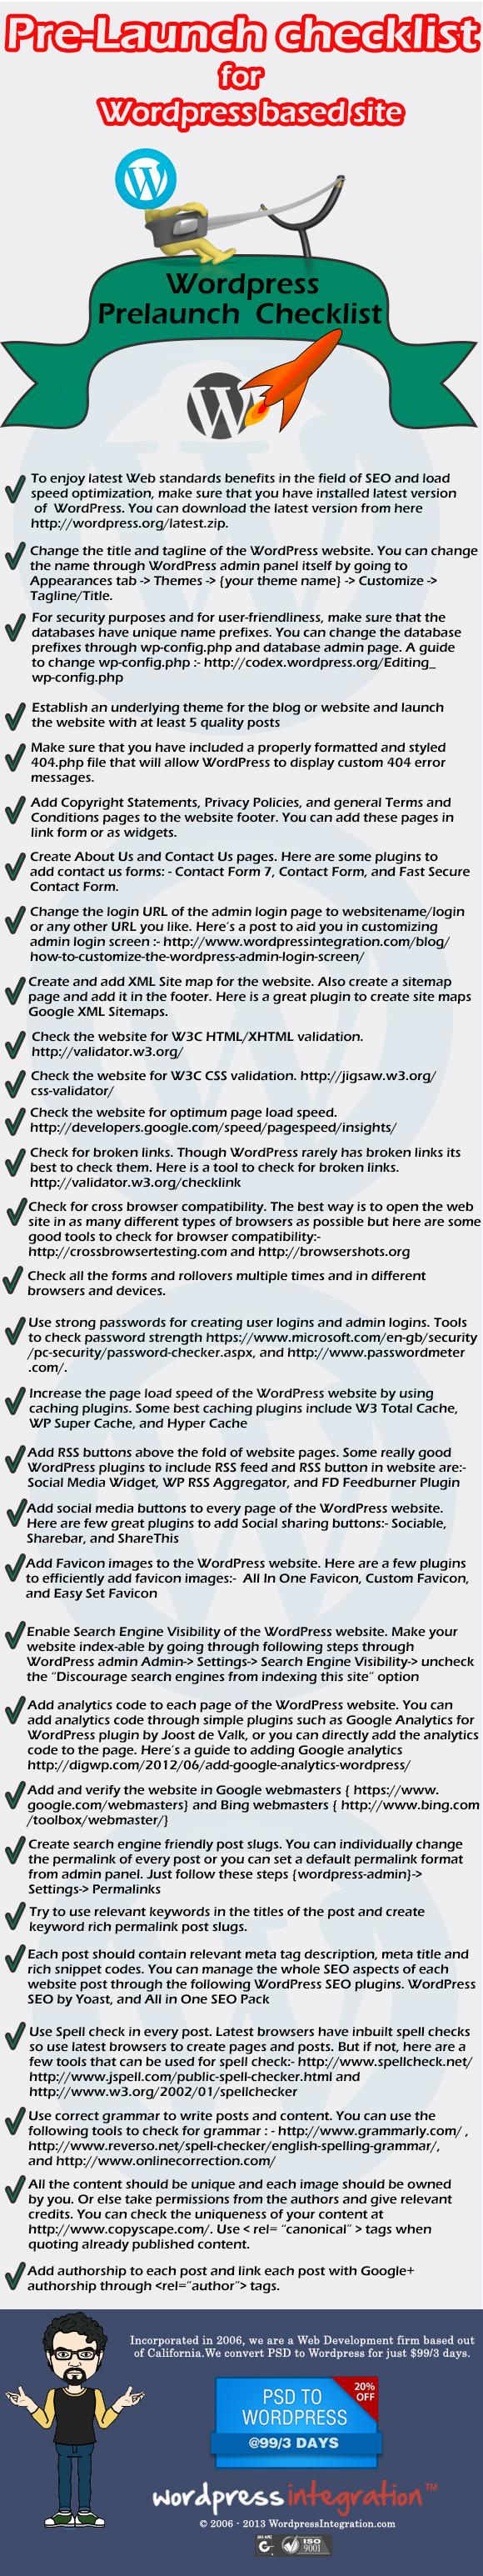 wordpress-prelaunch-checklist-infographic